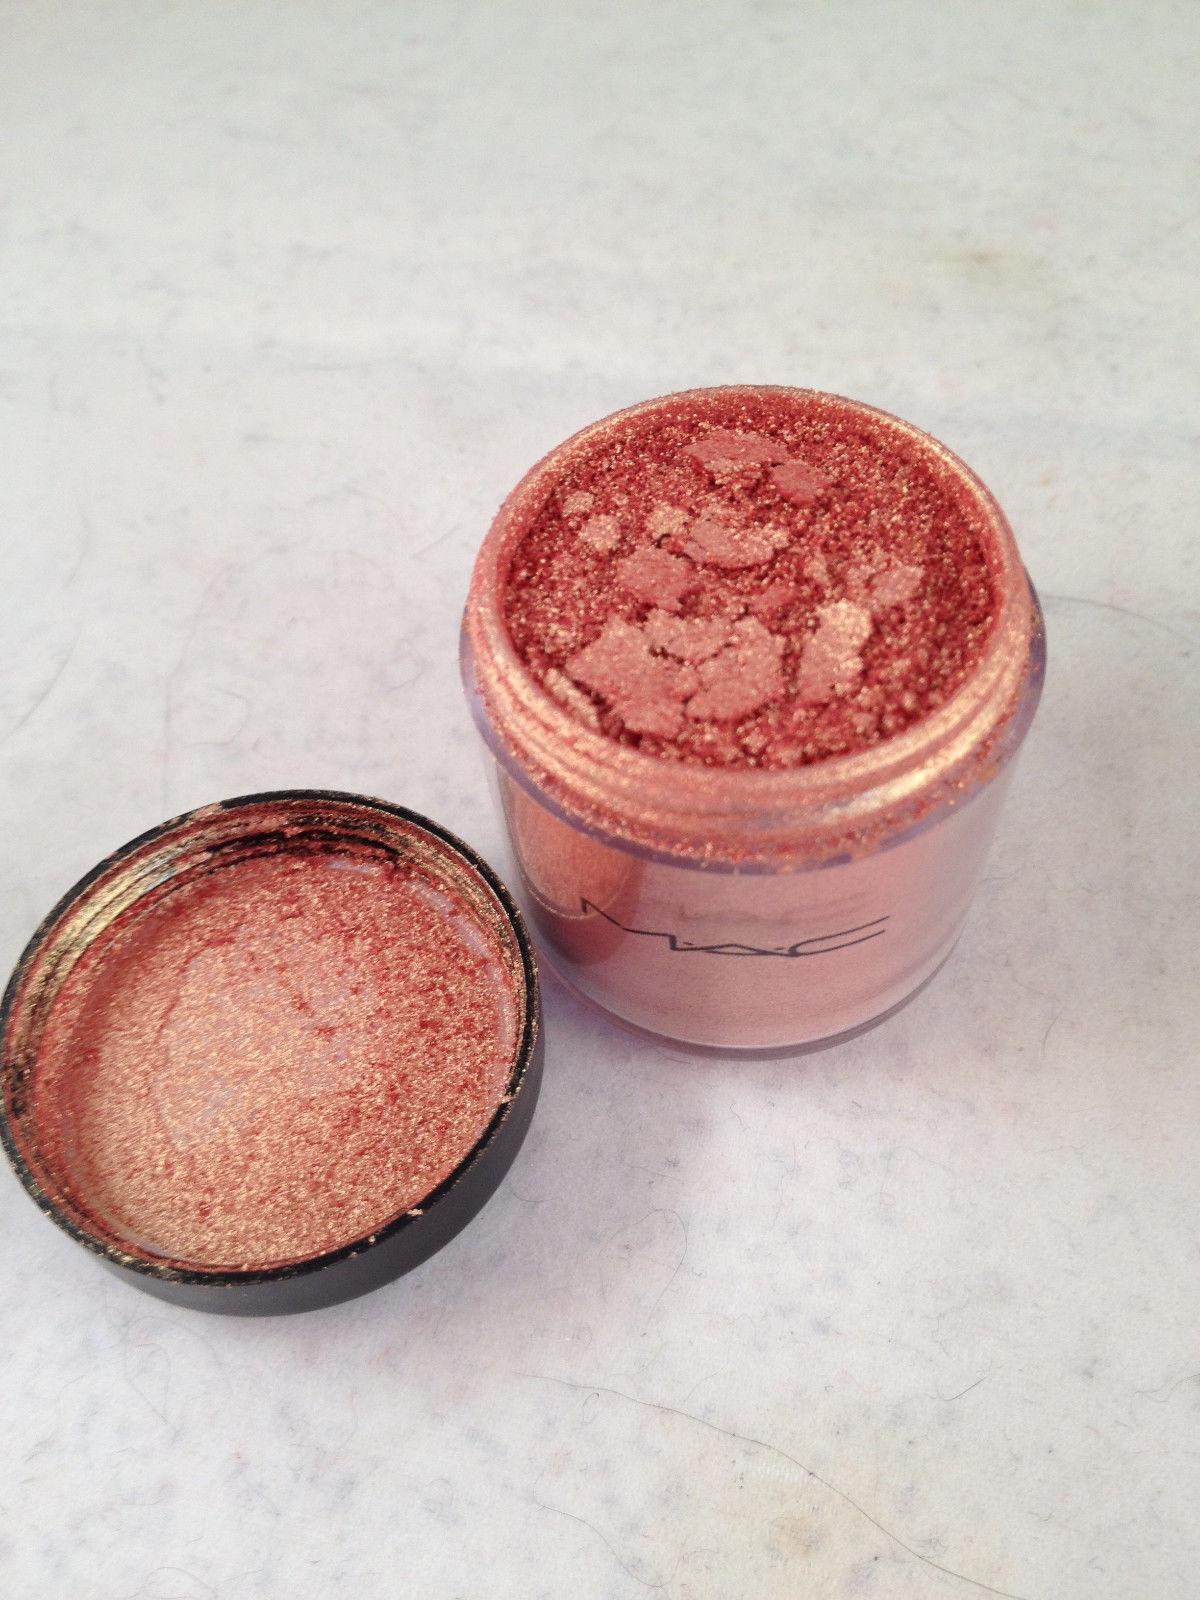 MAC Cosmetics Pigment Powder Eyeshadow Eye Shadow Melon large old style jar